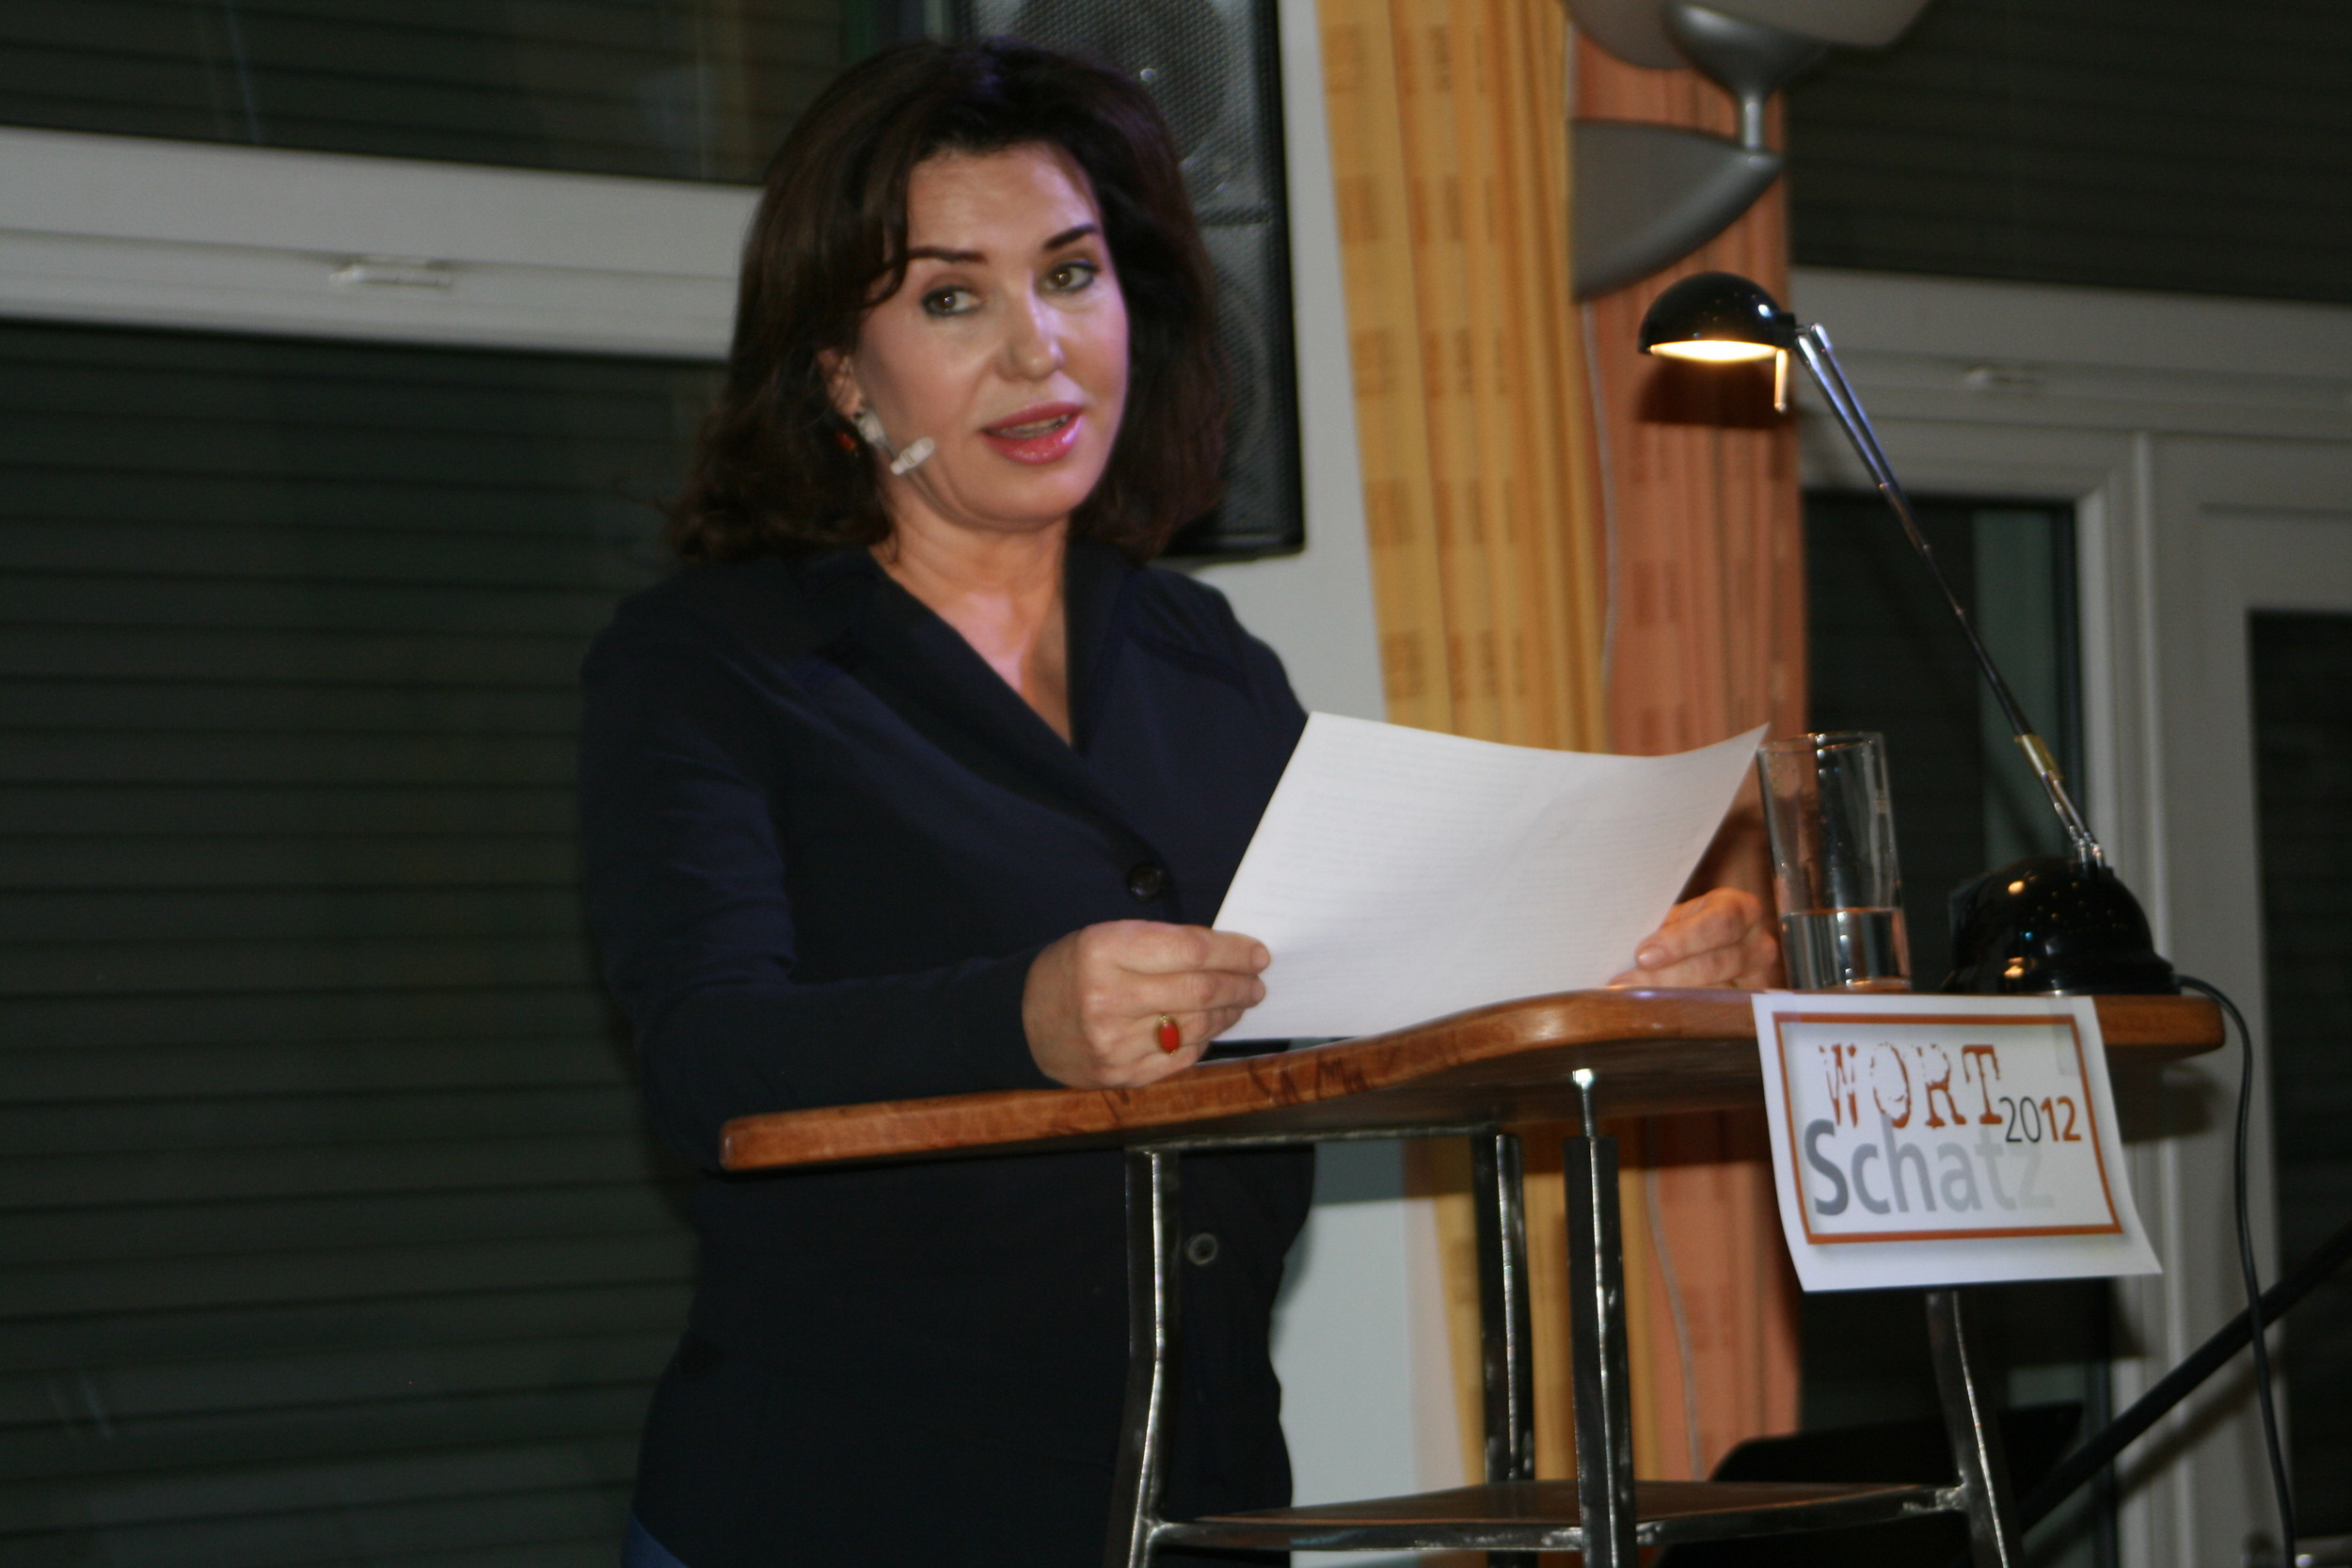 Buchpräsentation, Brigitte Karner - Wortschatz 2012 Literaturwettbewerb